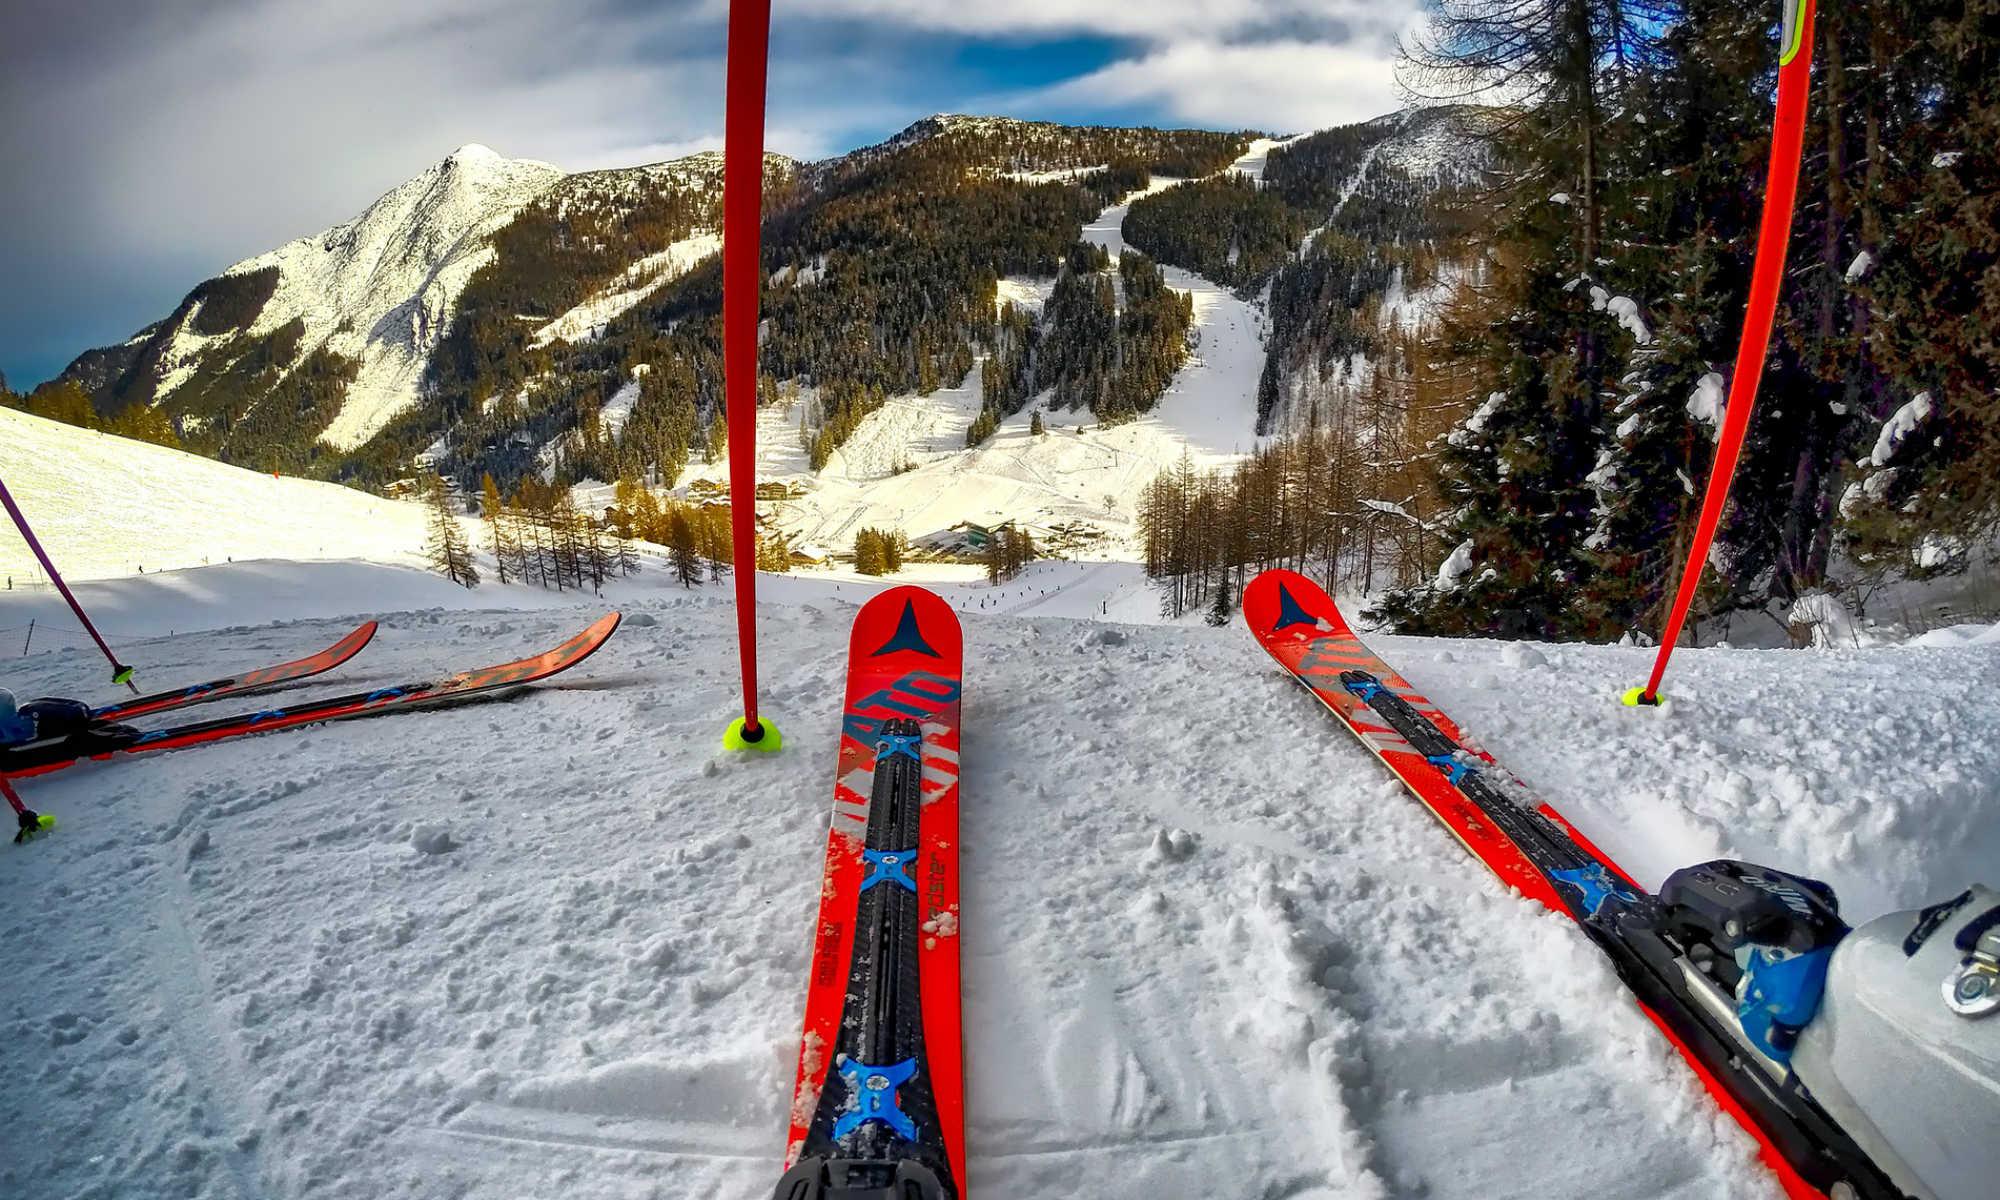 Vue depuis les skis d'un skieur en haut d'une piste.